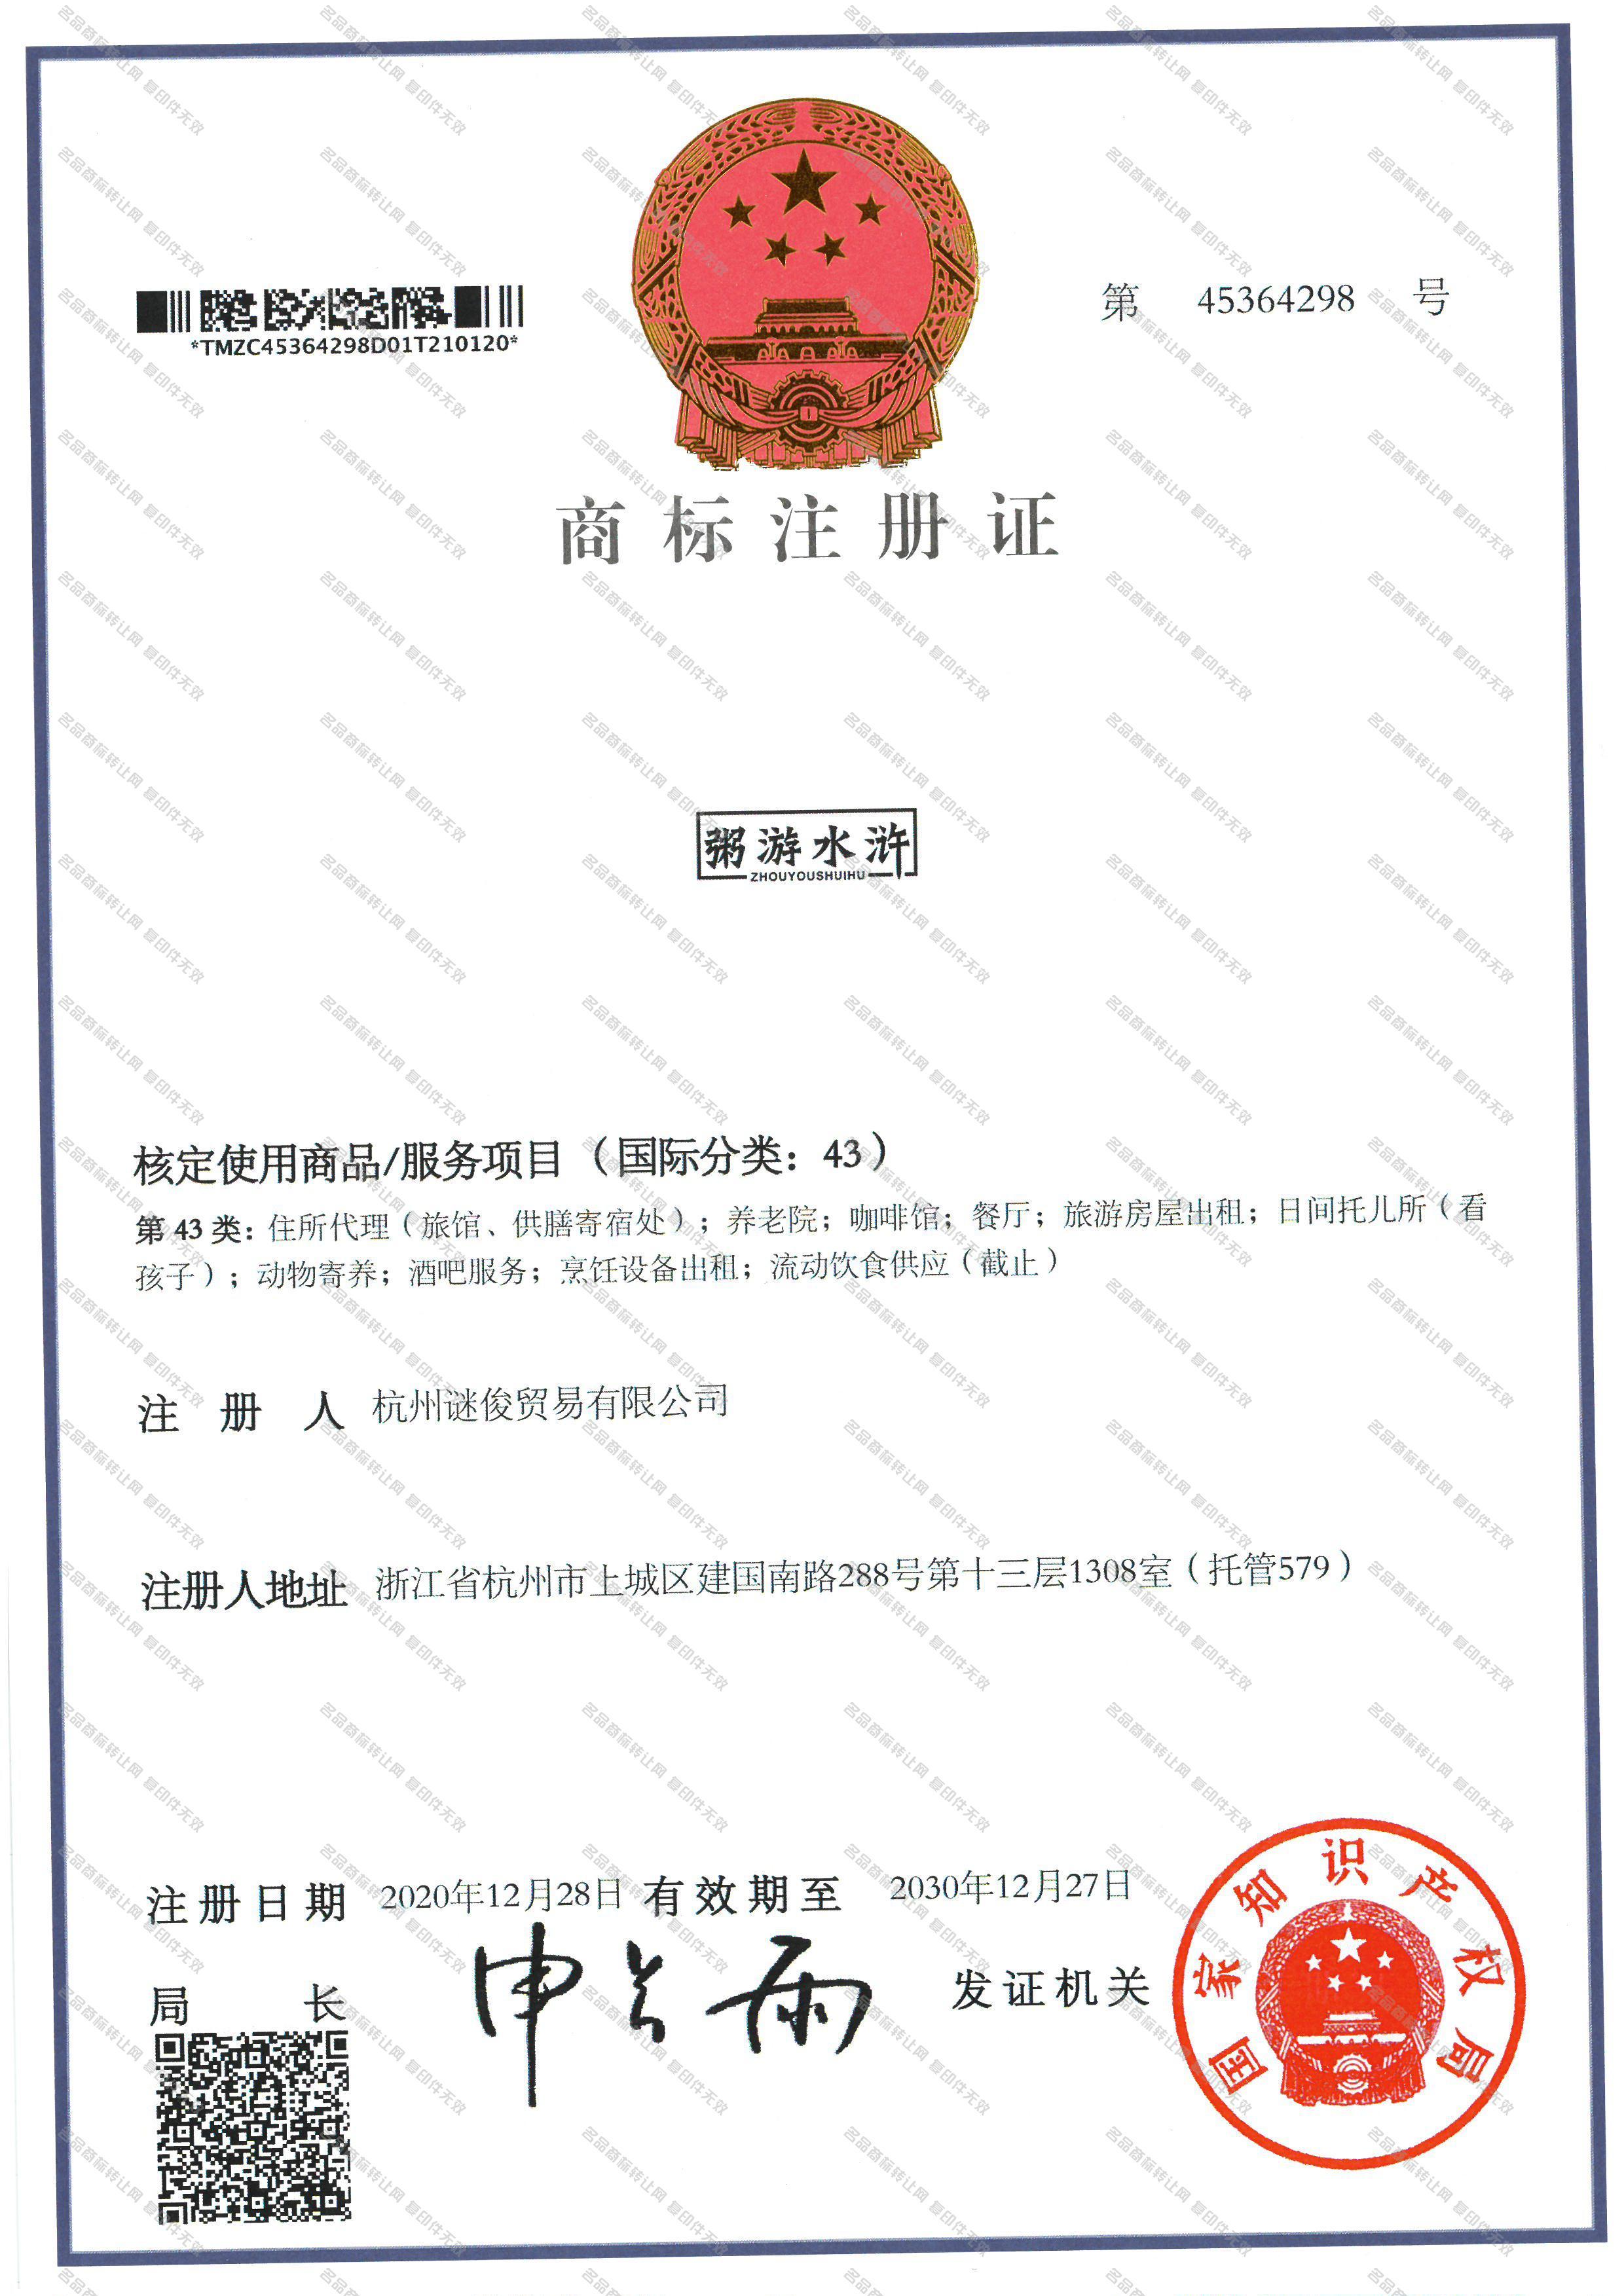 粥游水浒;ZHOUYOUSHUIHU注册证